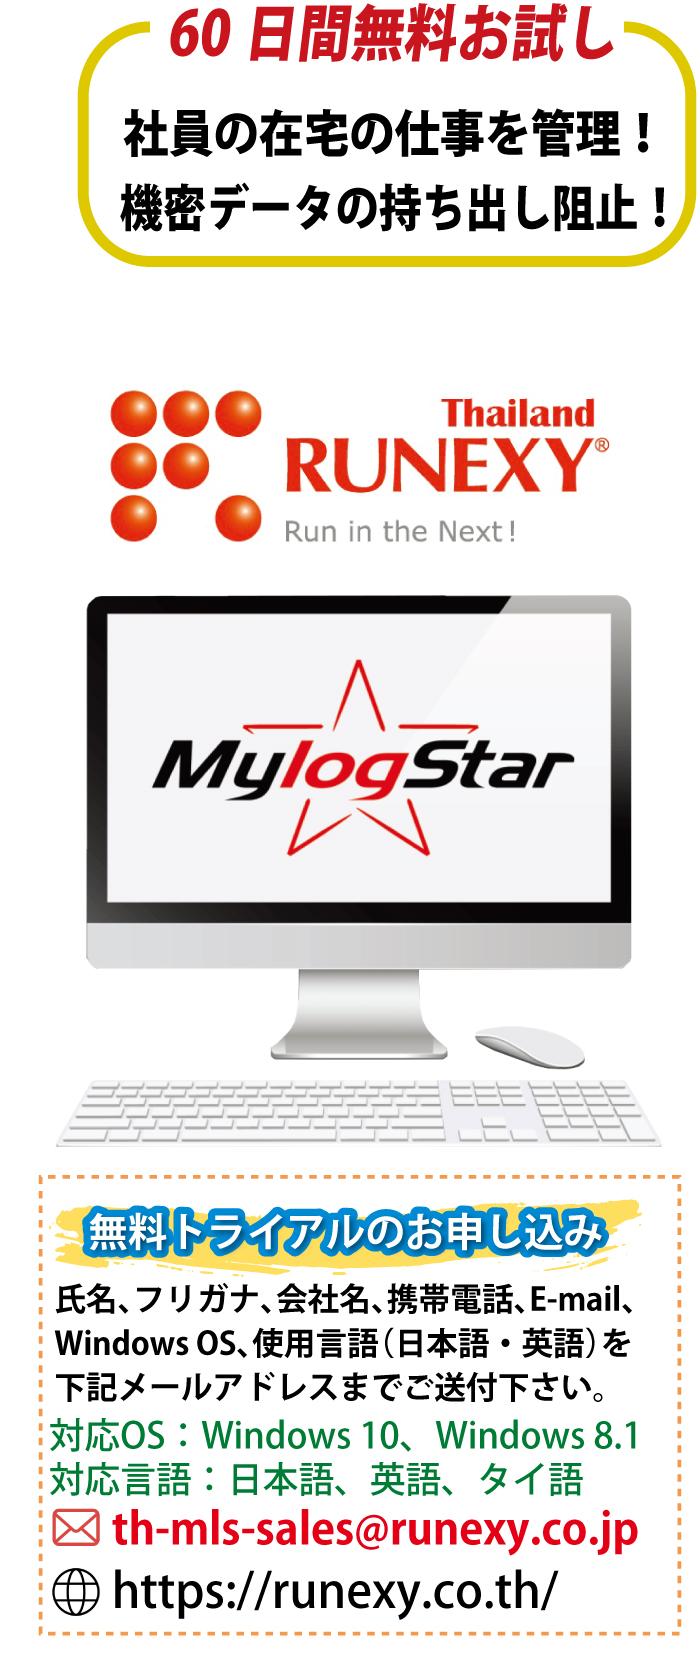 「マイログスター」で社員の在宅の仕事を管理!機密データの持ち出し阻止!